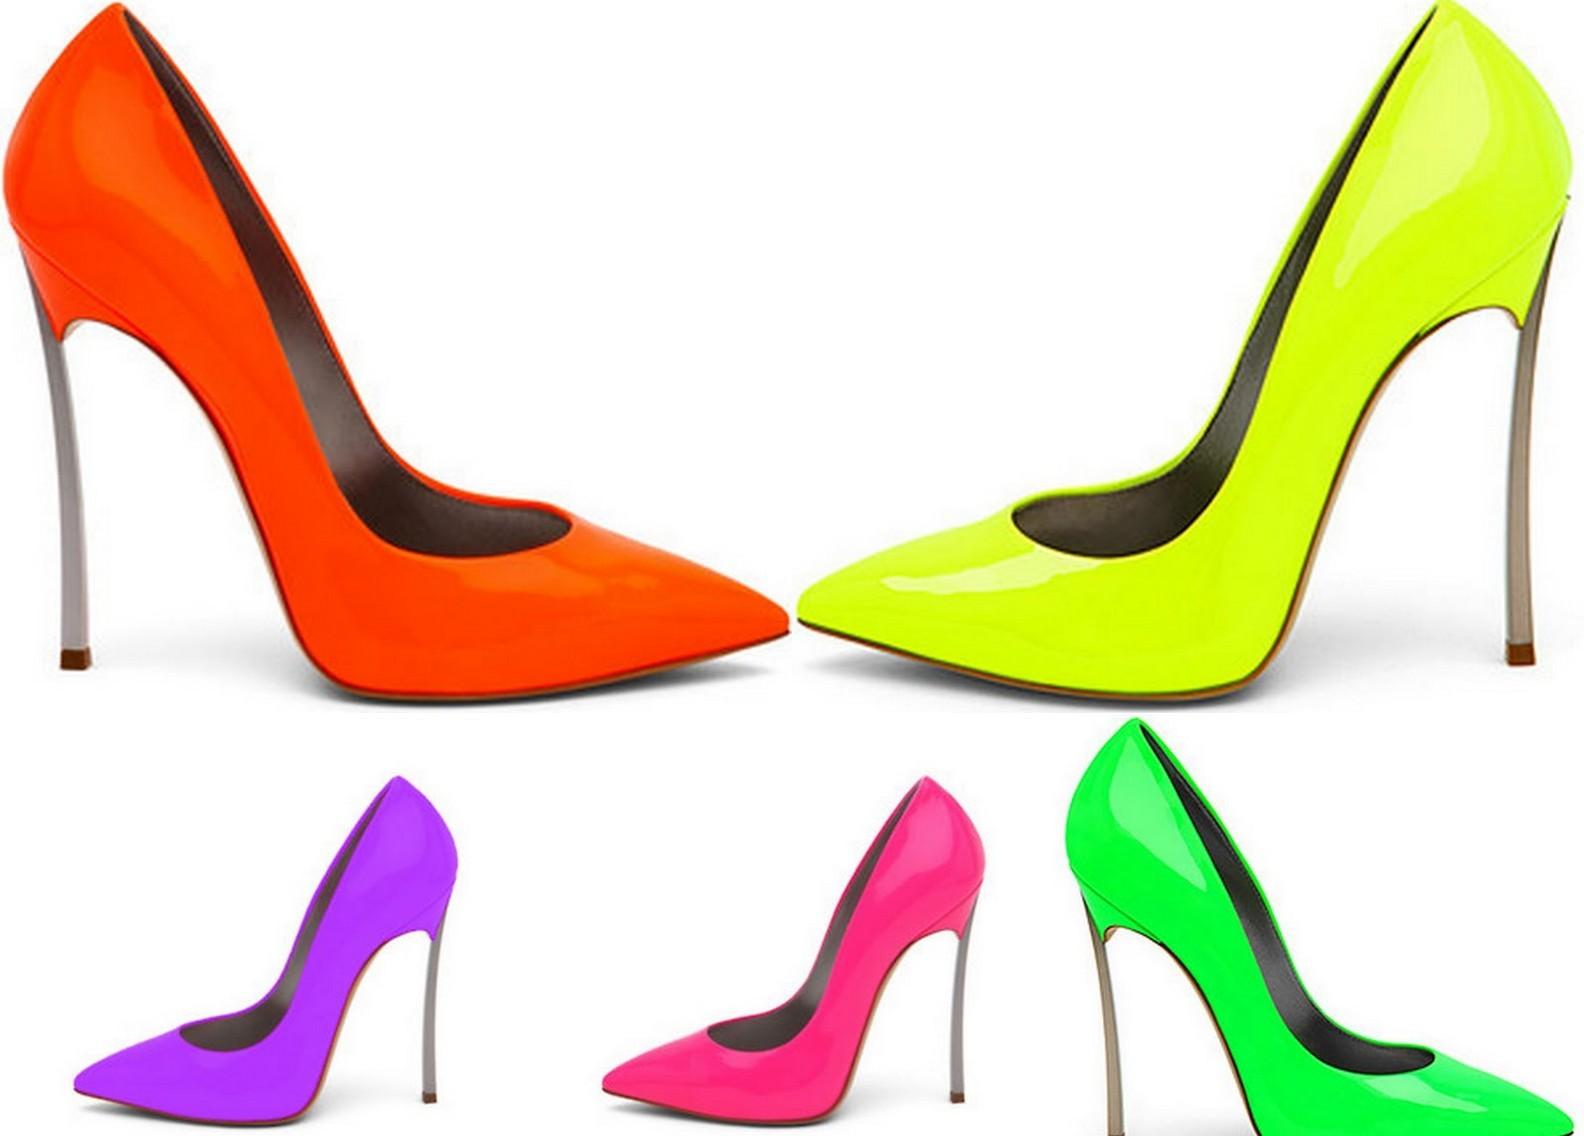 Renkler Hangi Duyguyu İfade Eder?